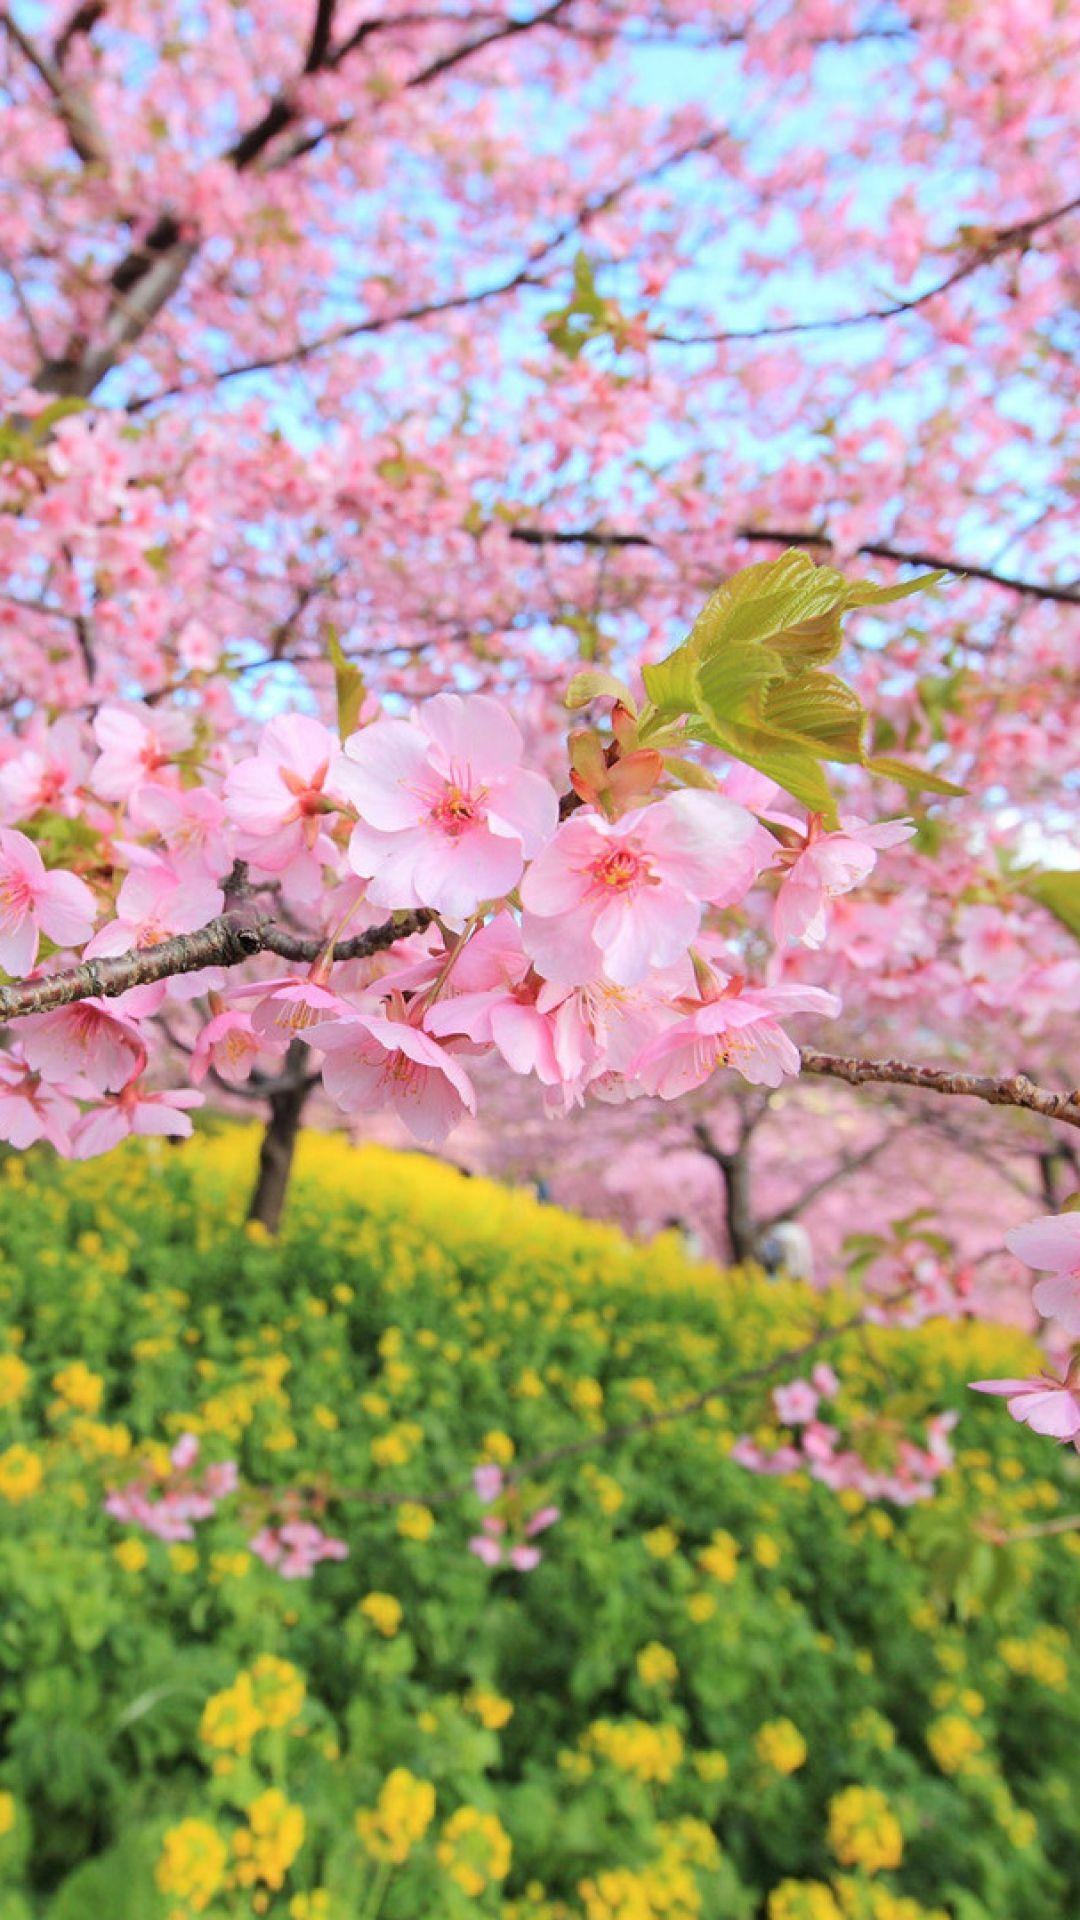 spring, bloom, tree, flowers Spring wallpaper, Beautiful